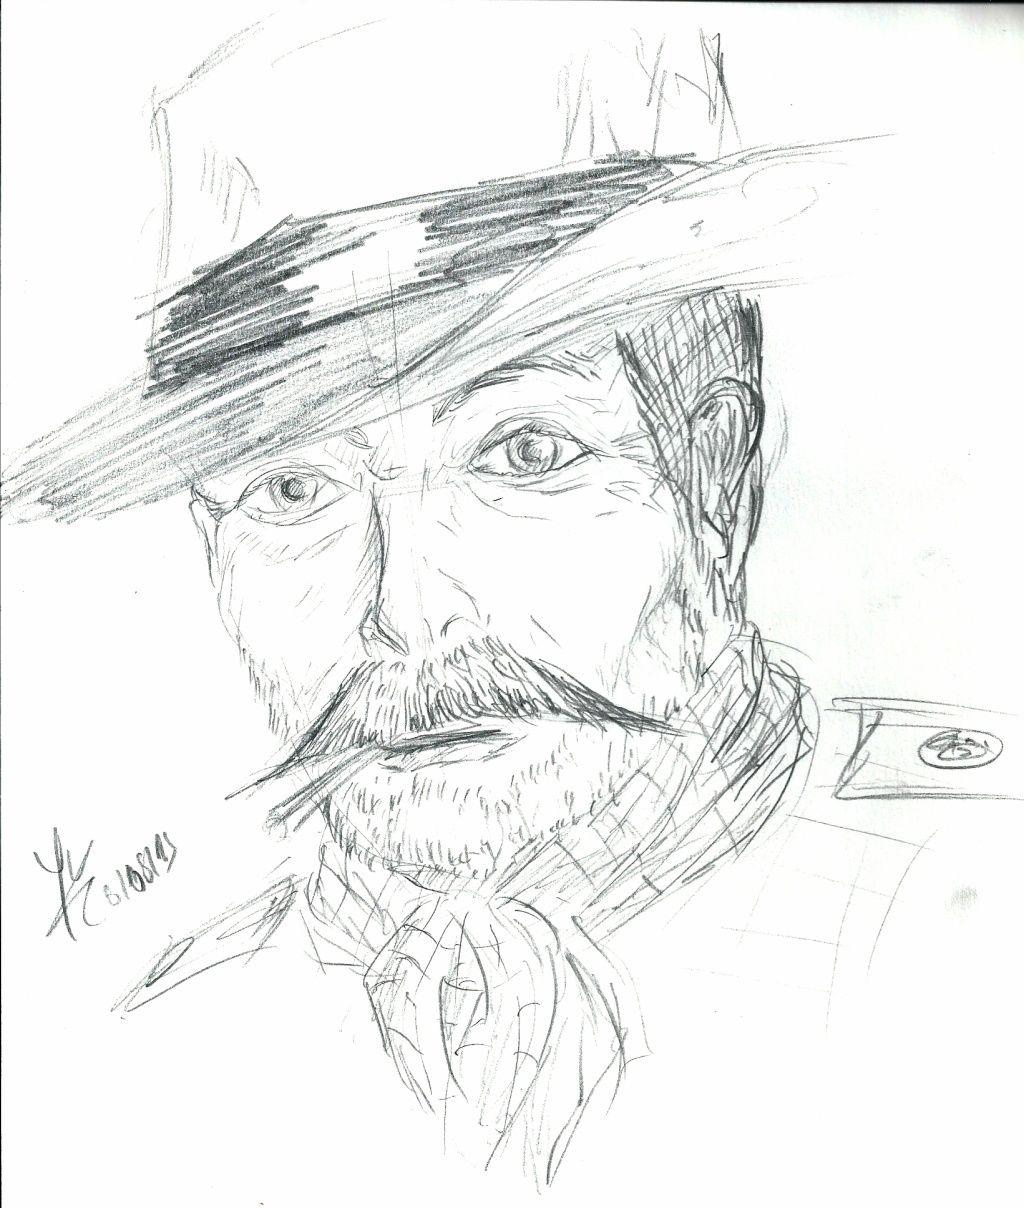 Les dessins de Gromdal - Page 5 Cowboy10